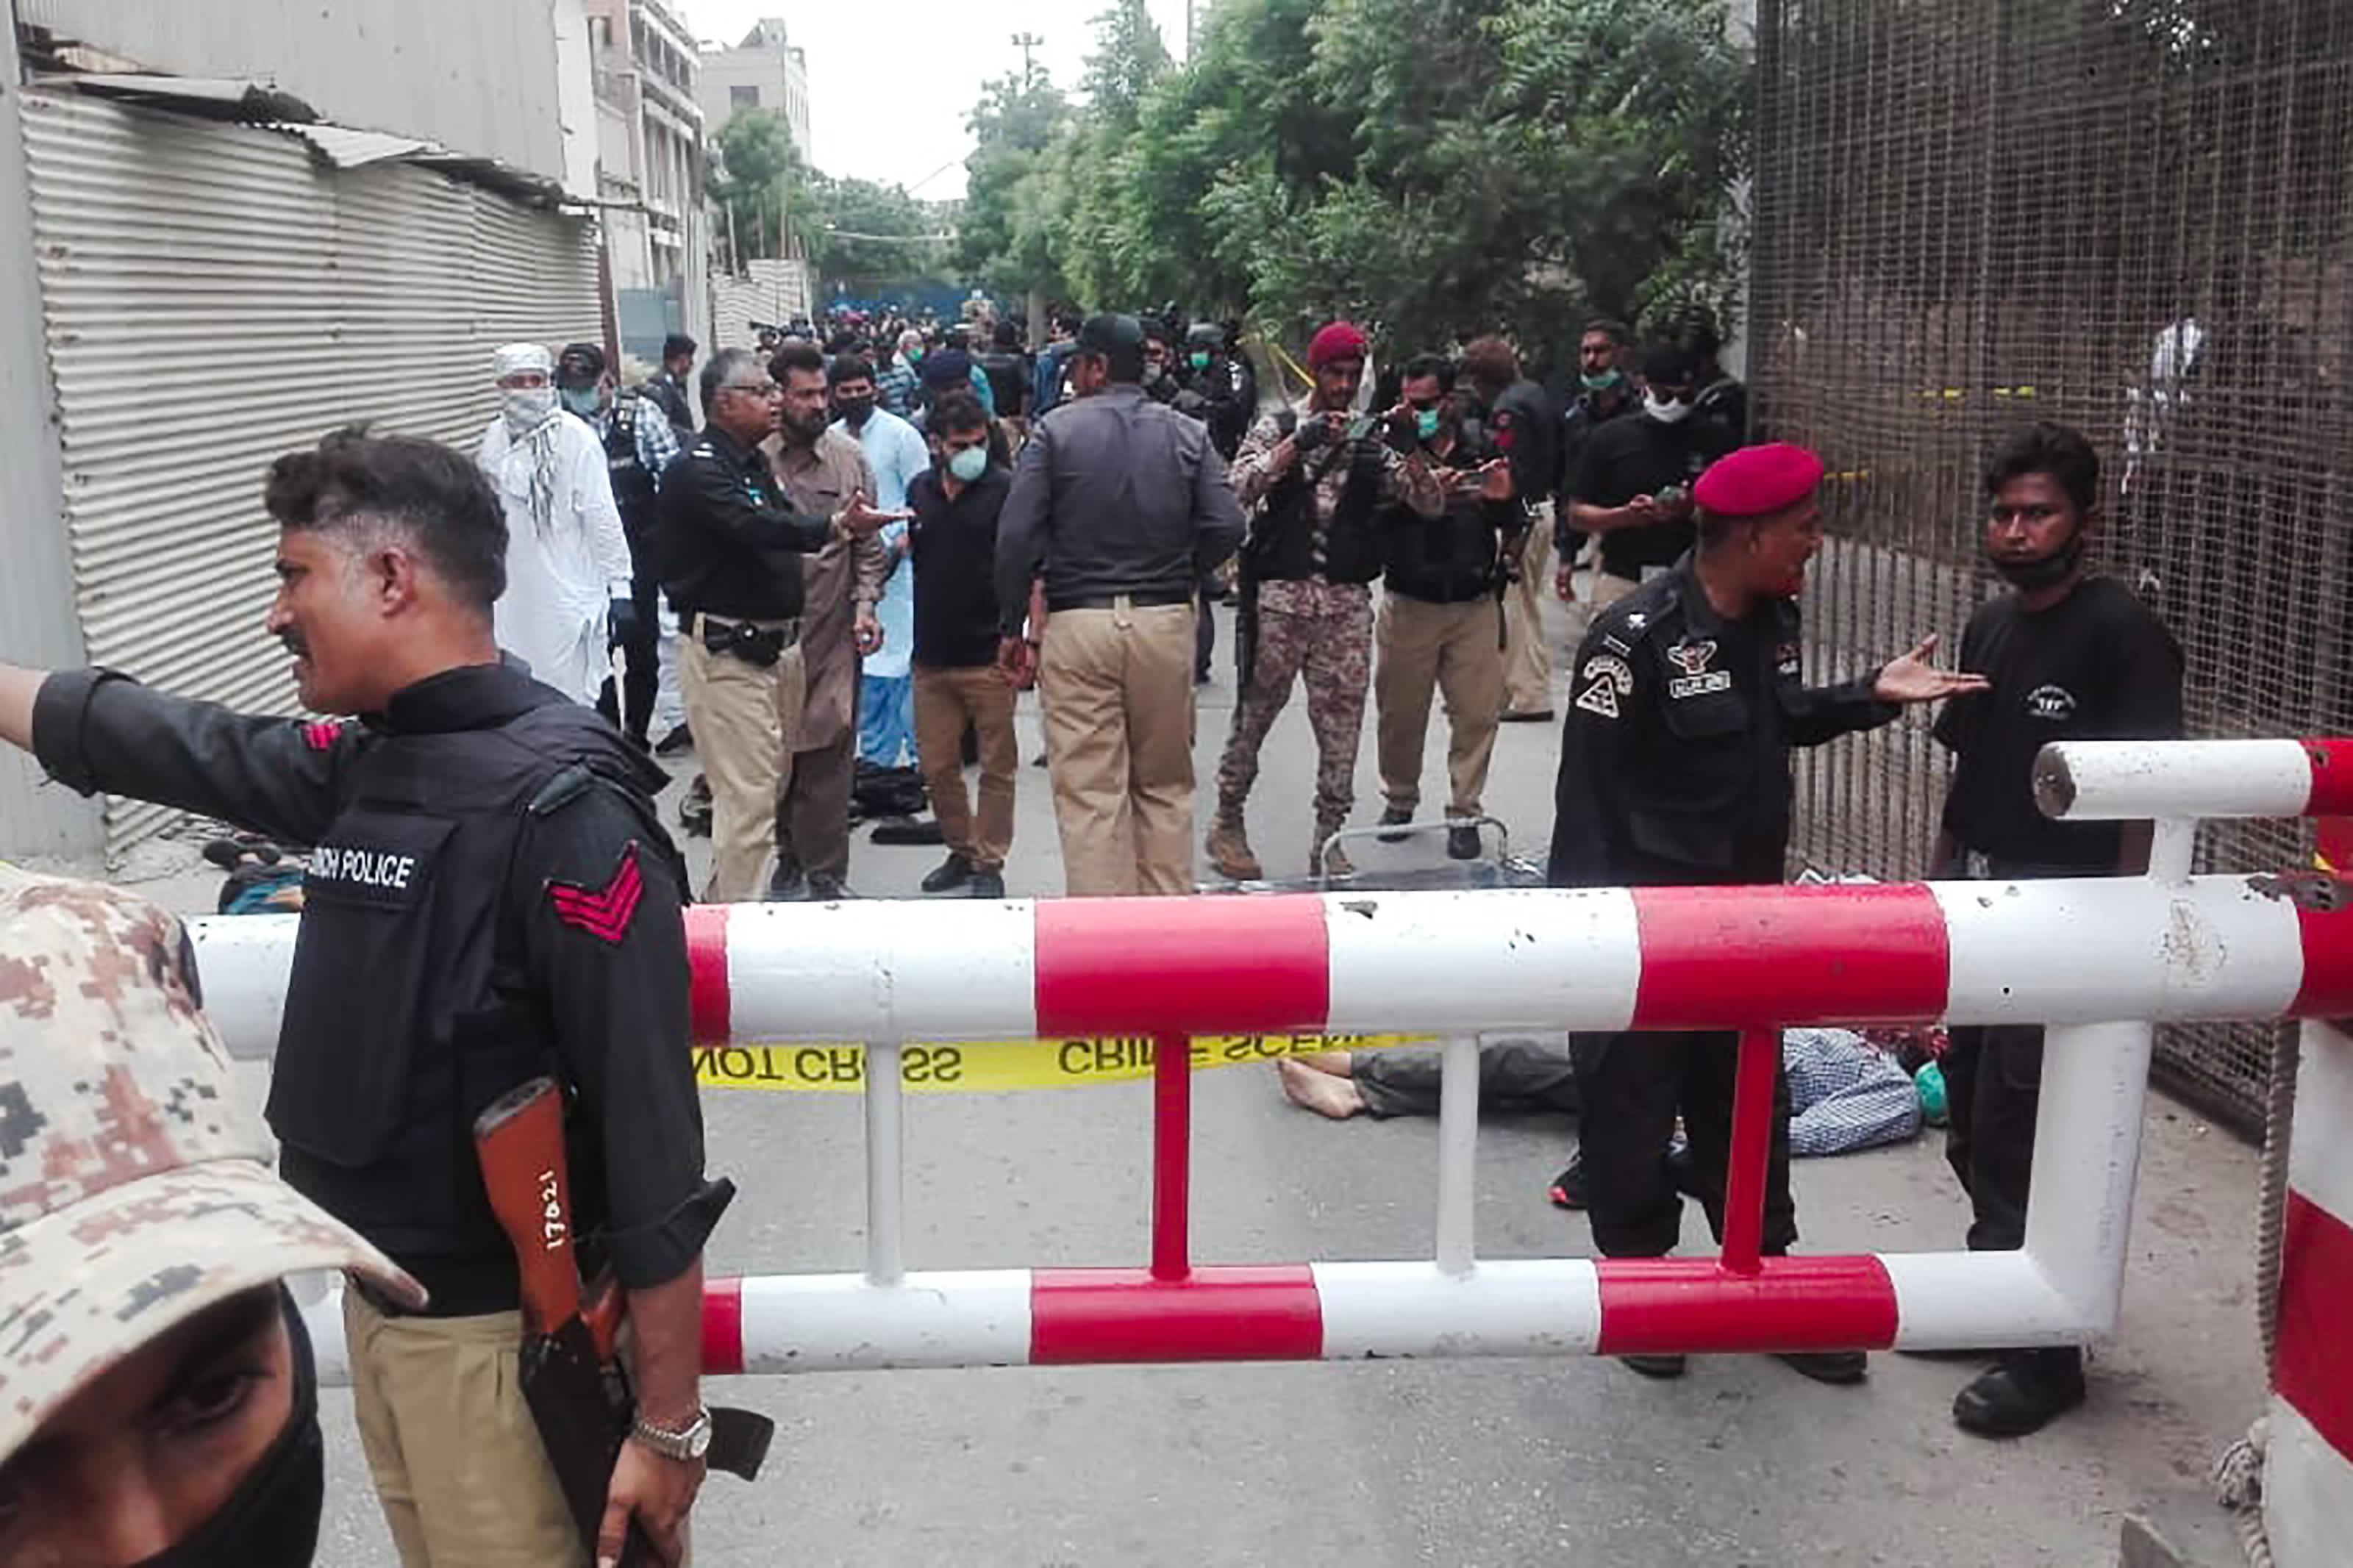 बंदूकधारियों ने पाकिस्तानी स्टॉक एक्सचेंज पर हमला किया, चार मारे गए: पुलिस